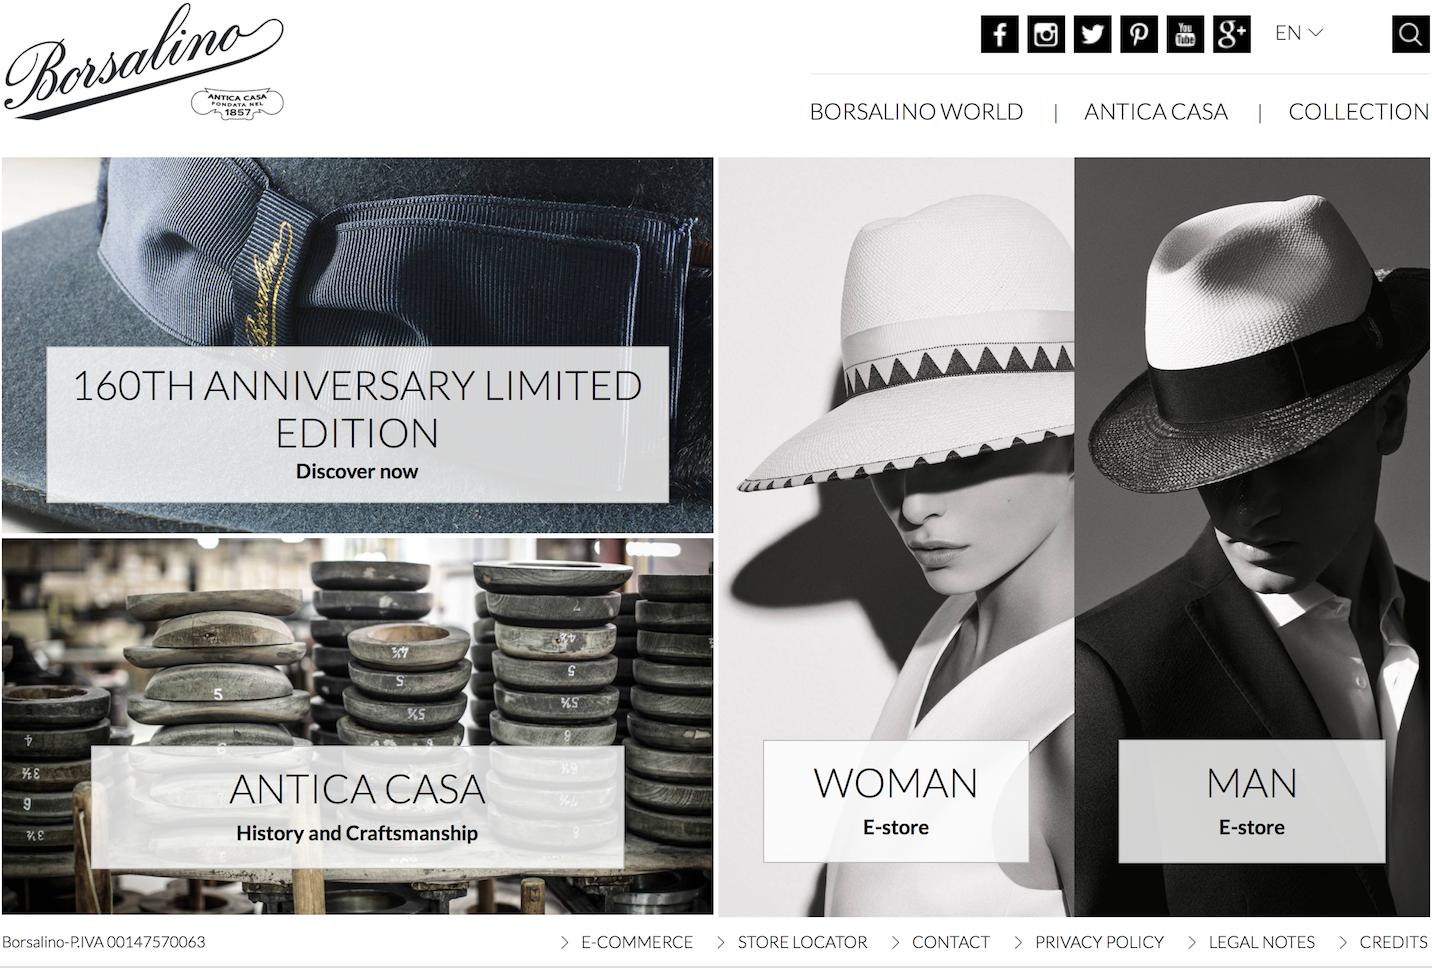 山本耀司最爱的帽子得救了!濒于破产的意大利老牌制帽商Borsalino 被私募基金收购